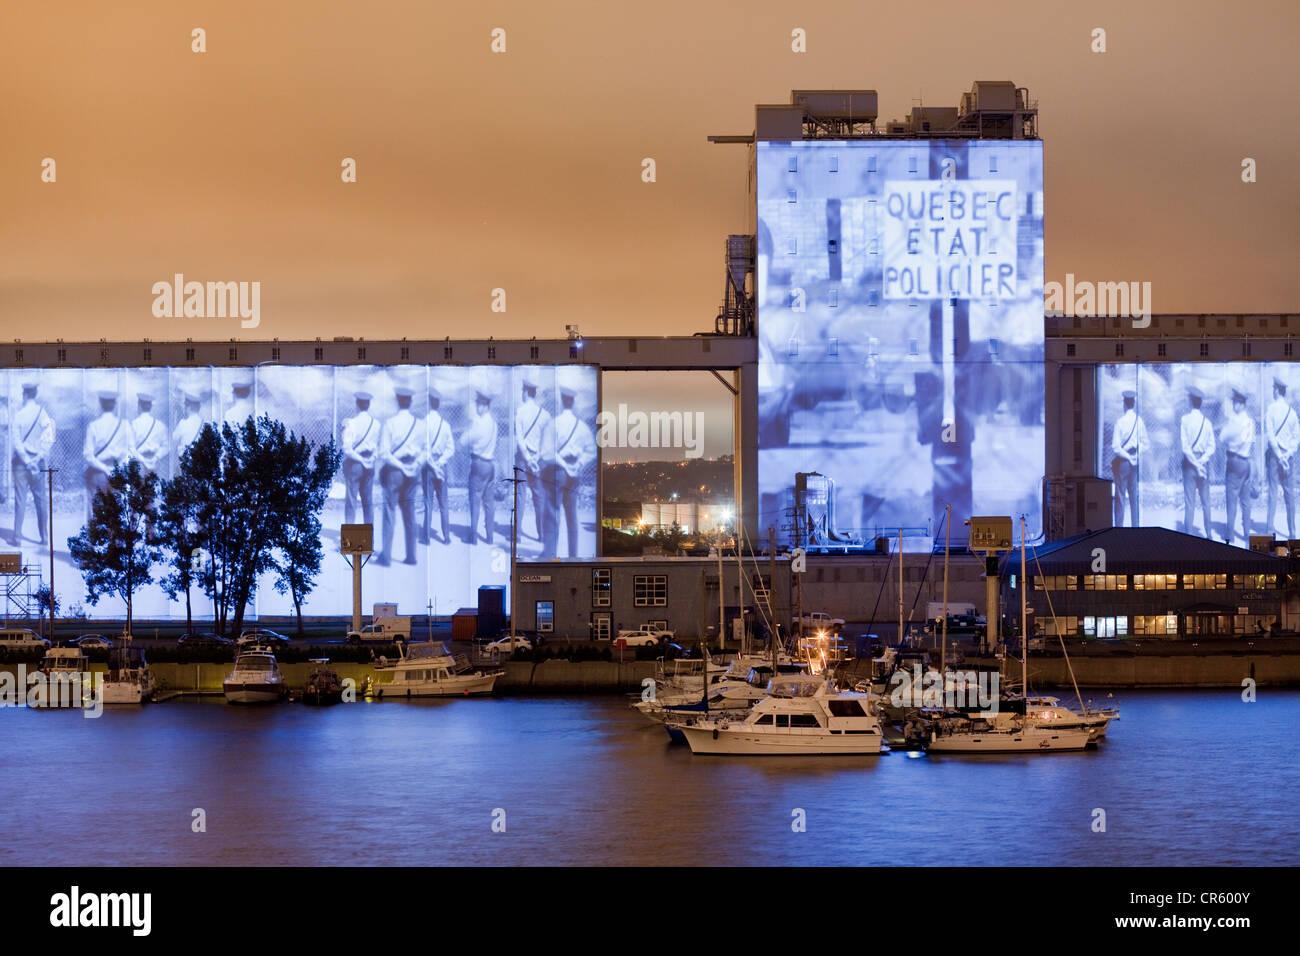 Kanada, Québec, Québec (Stadt), die Bilder-Mühle von Robert Lepage und Ex Machina, riesige Projektion Stockbild